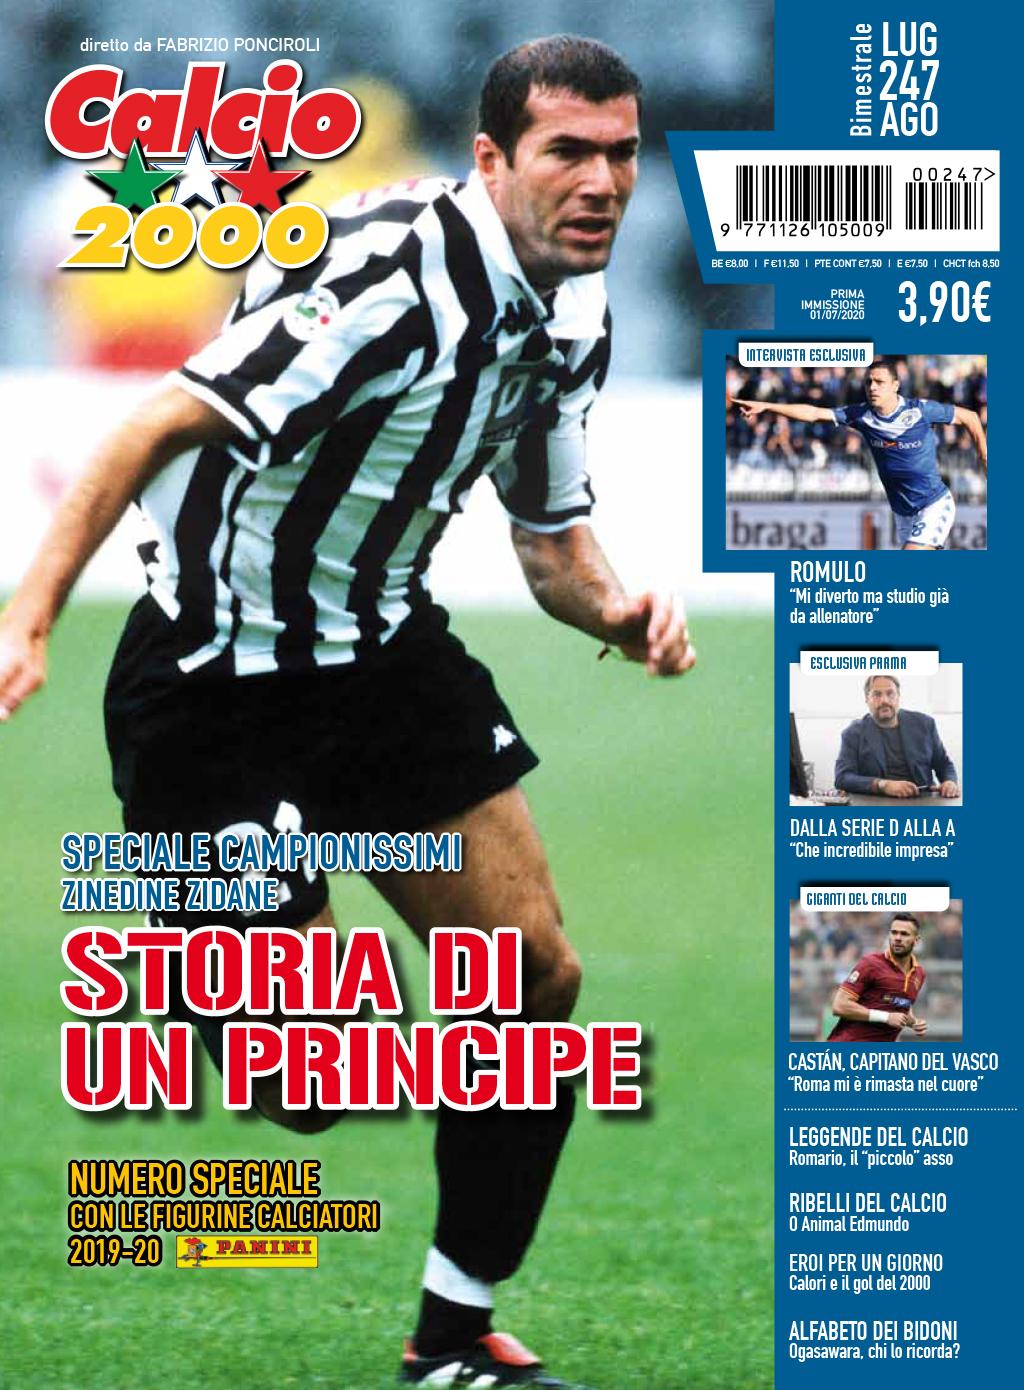 prima pagina calcio2000